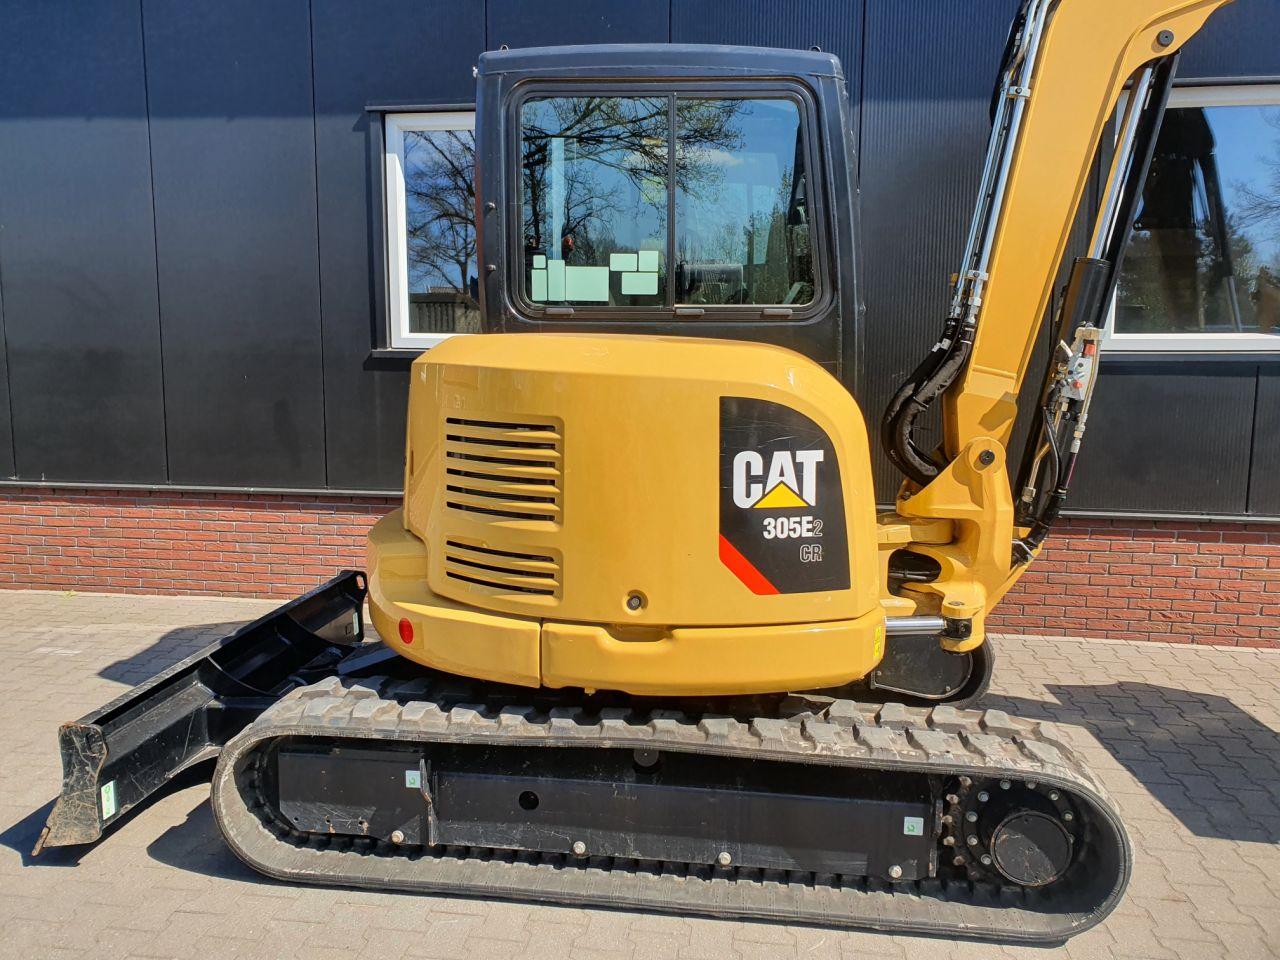 Cat 305E 2CR Demo